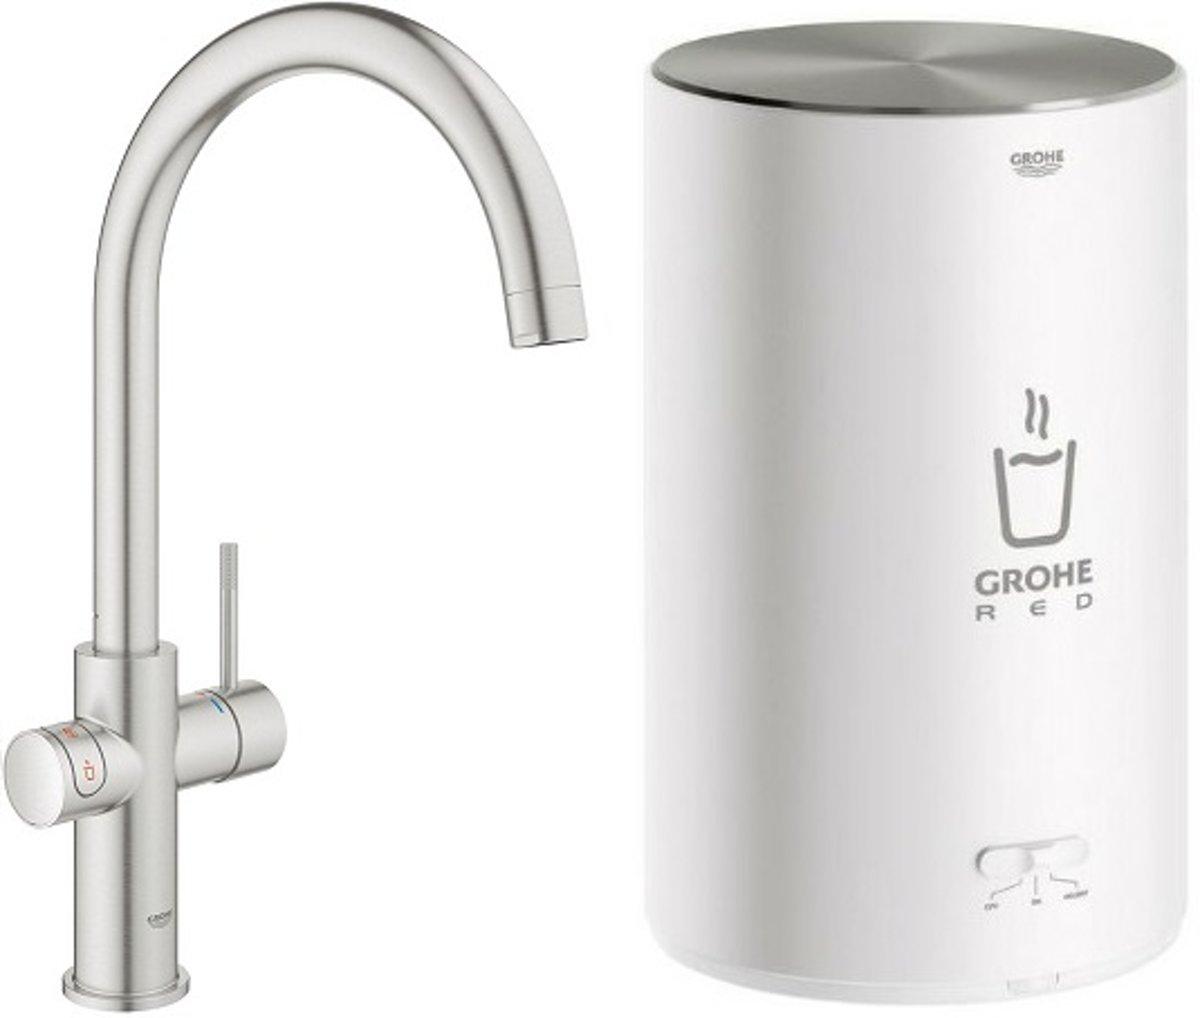 GROHE Red New Duo Kokend water kraan - Keukenkraan met M-size boiler - C-uitloop - Supersteel (RVS) - 30374DC1 kopen